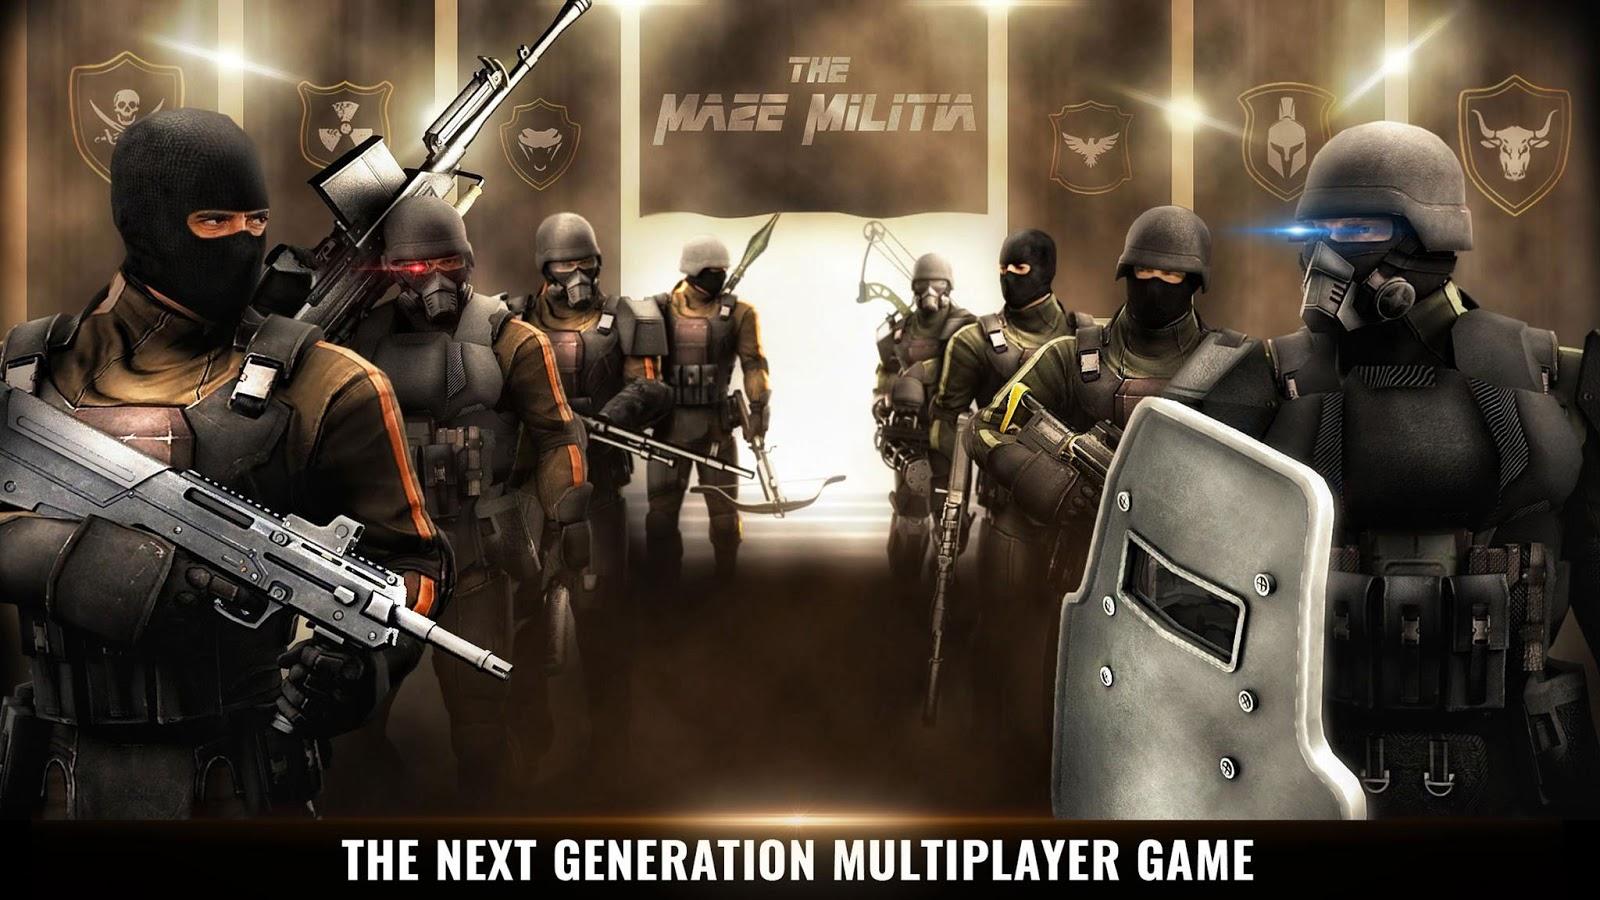 MazeMilitia: LAN Online Multiplayer Shooting Game